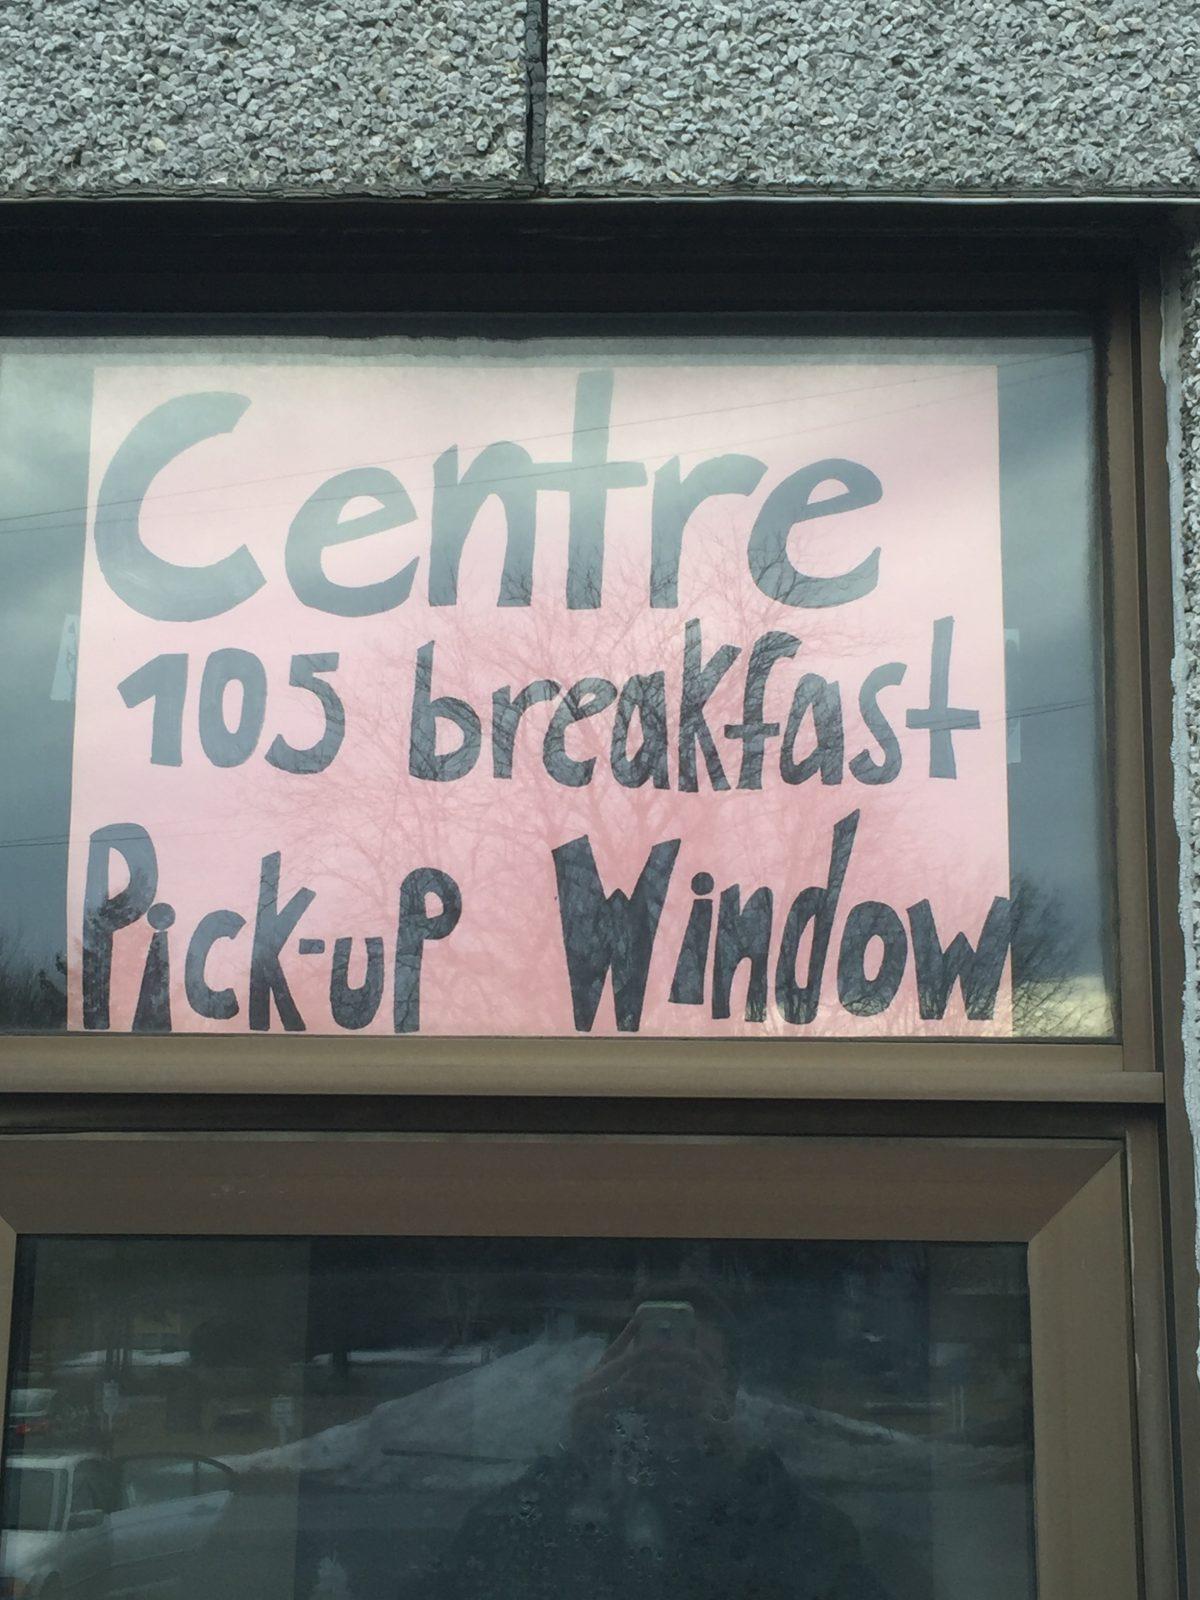 Centre 105 seeking support